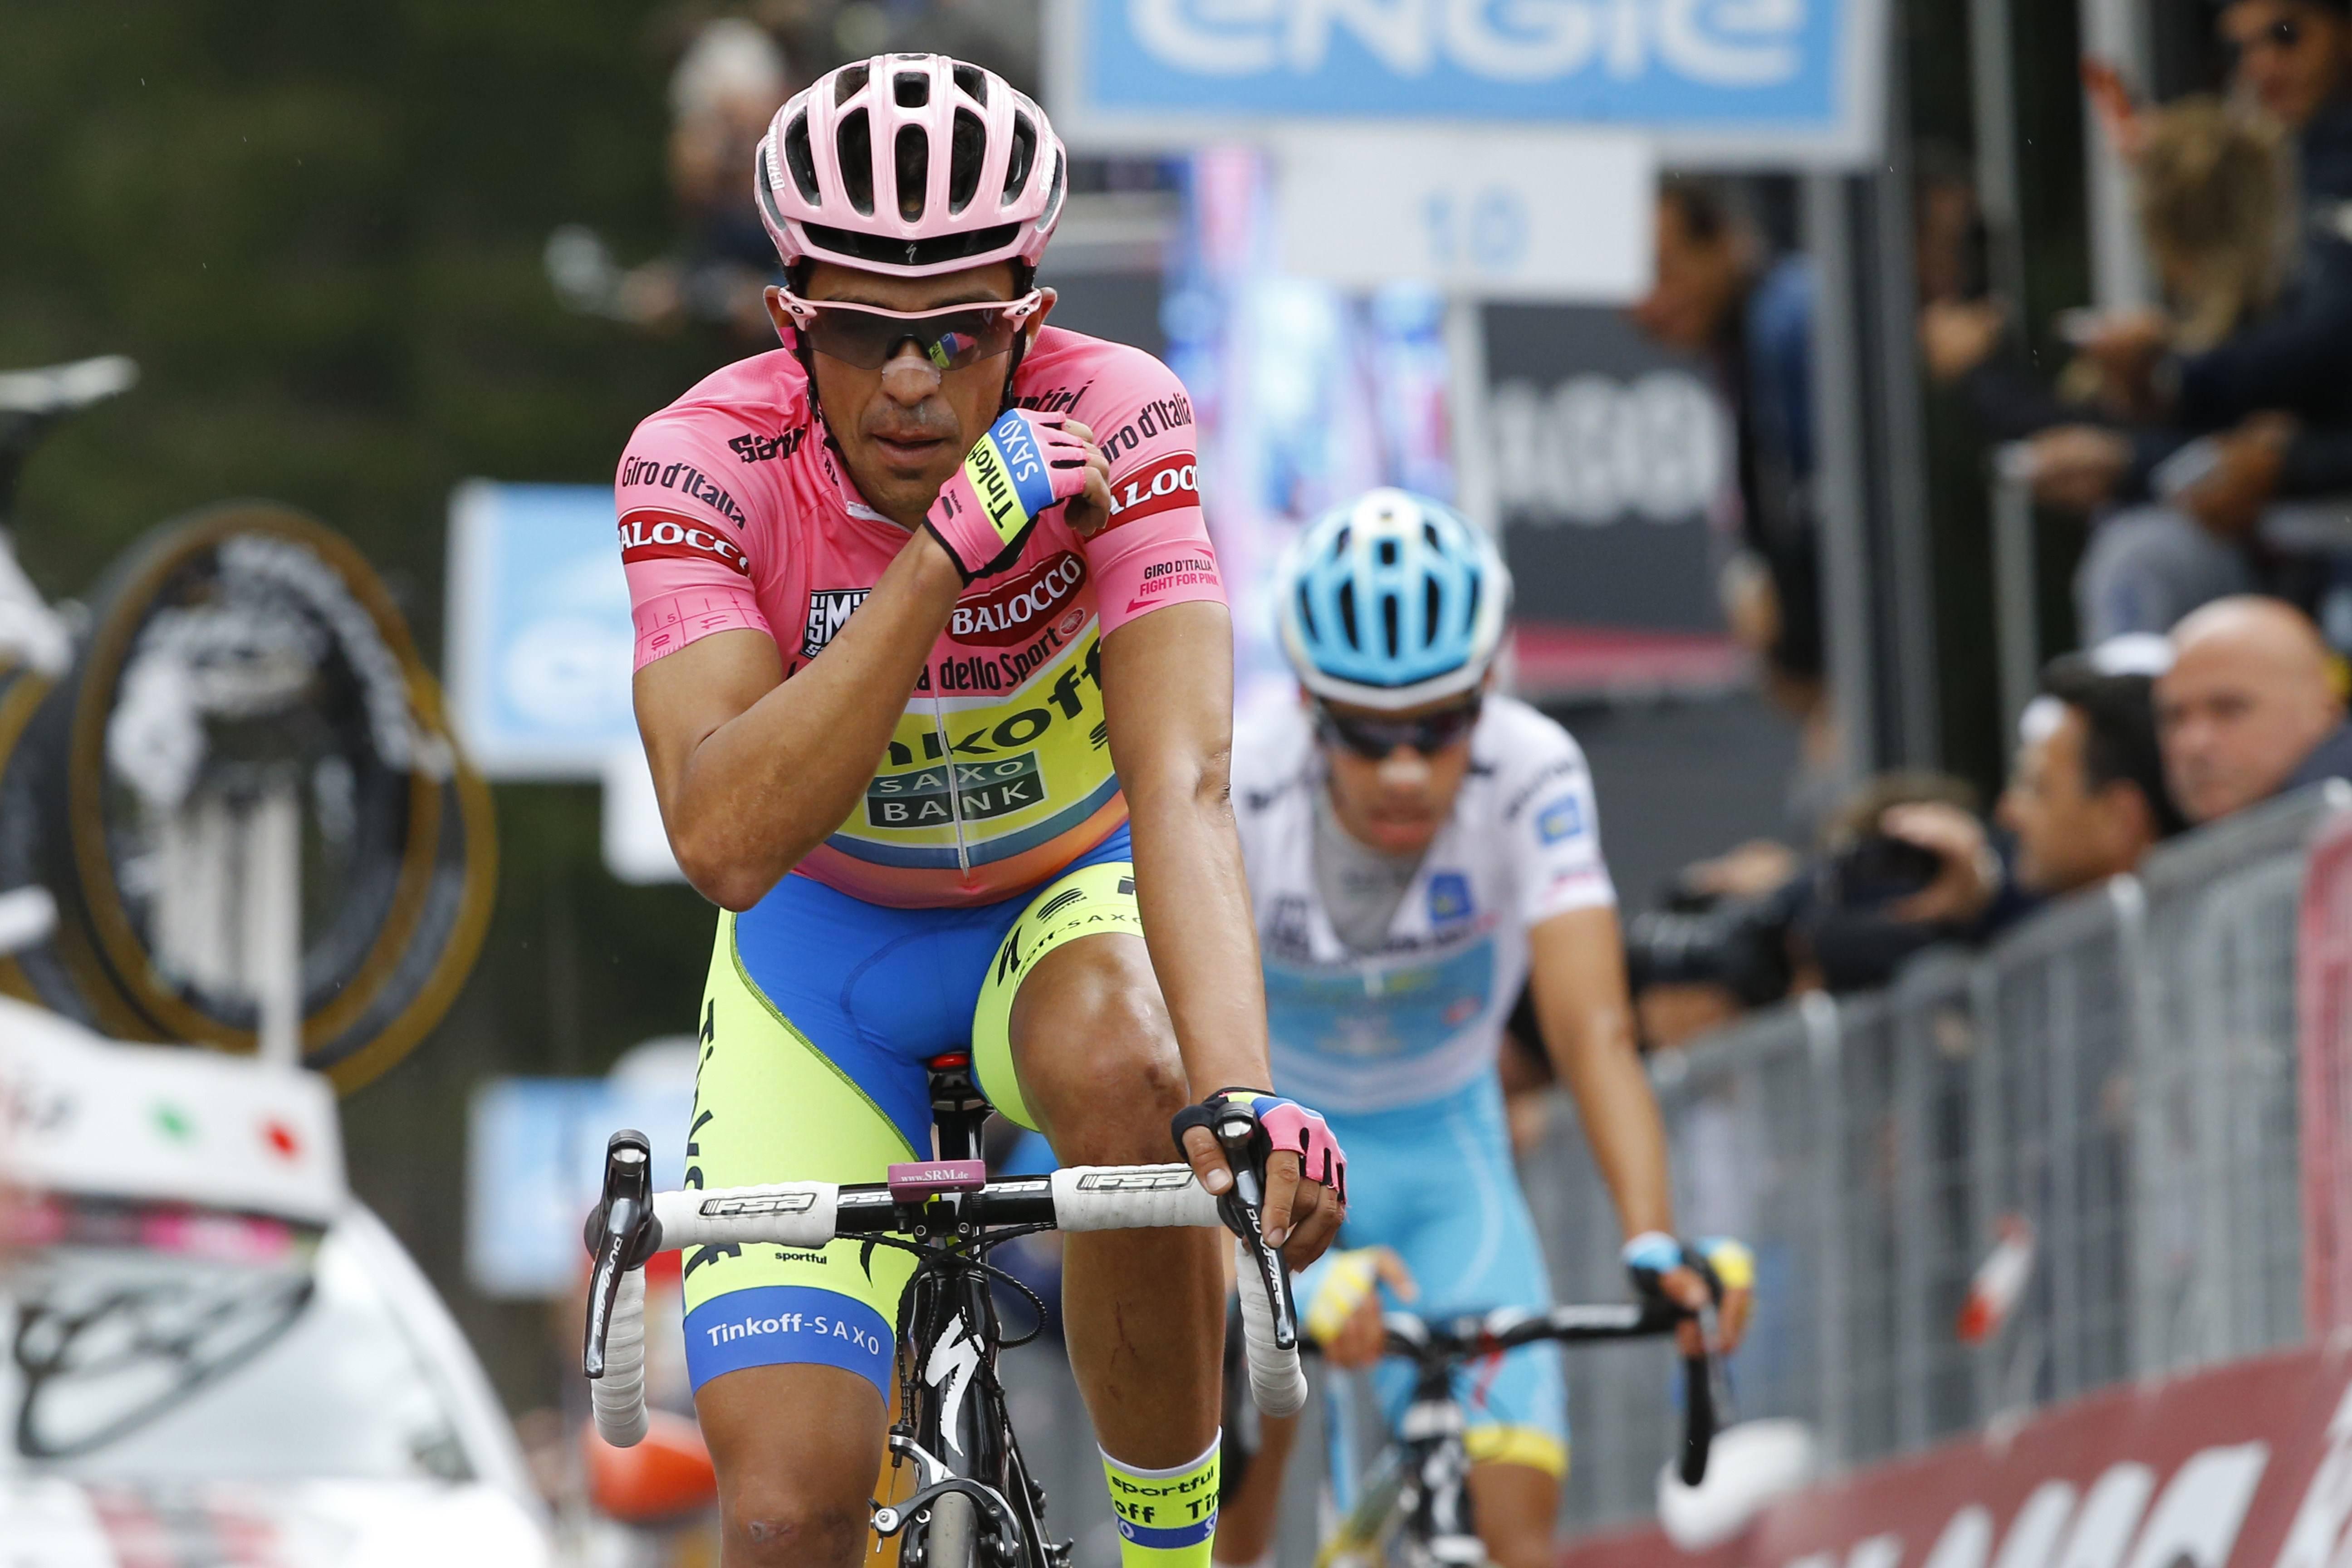 Giro d'Italia 2015. 15^ tappa: Landa vince la tappa, Contador sempre più rosa (FOTOGALLERY)